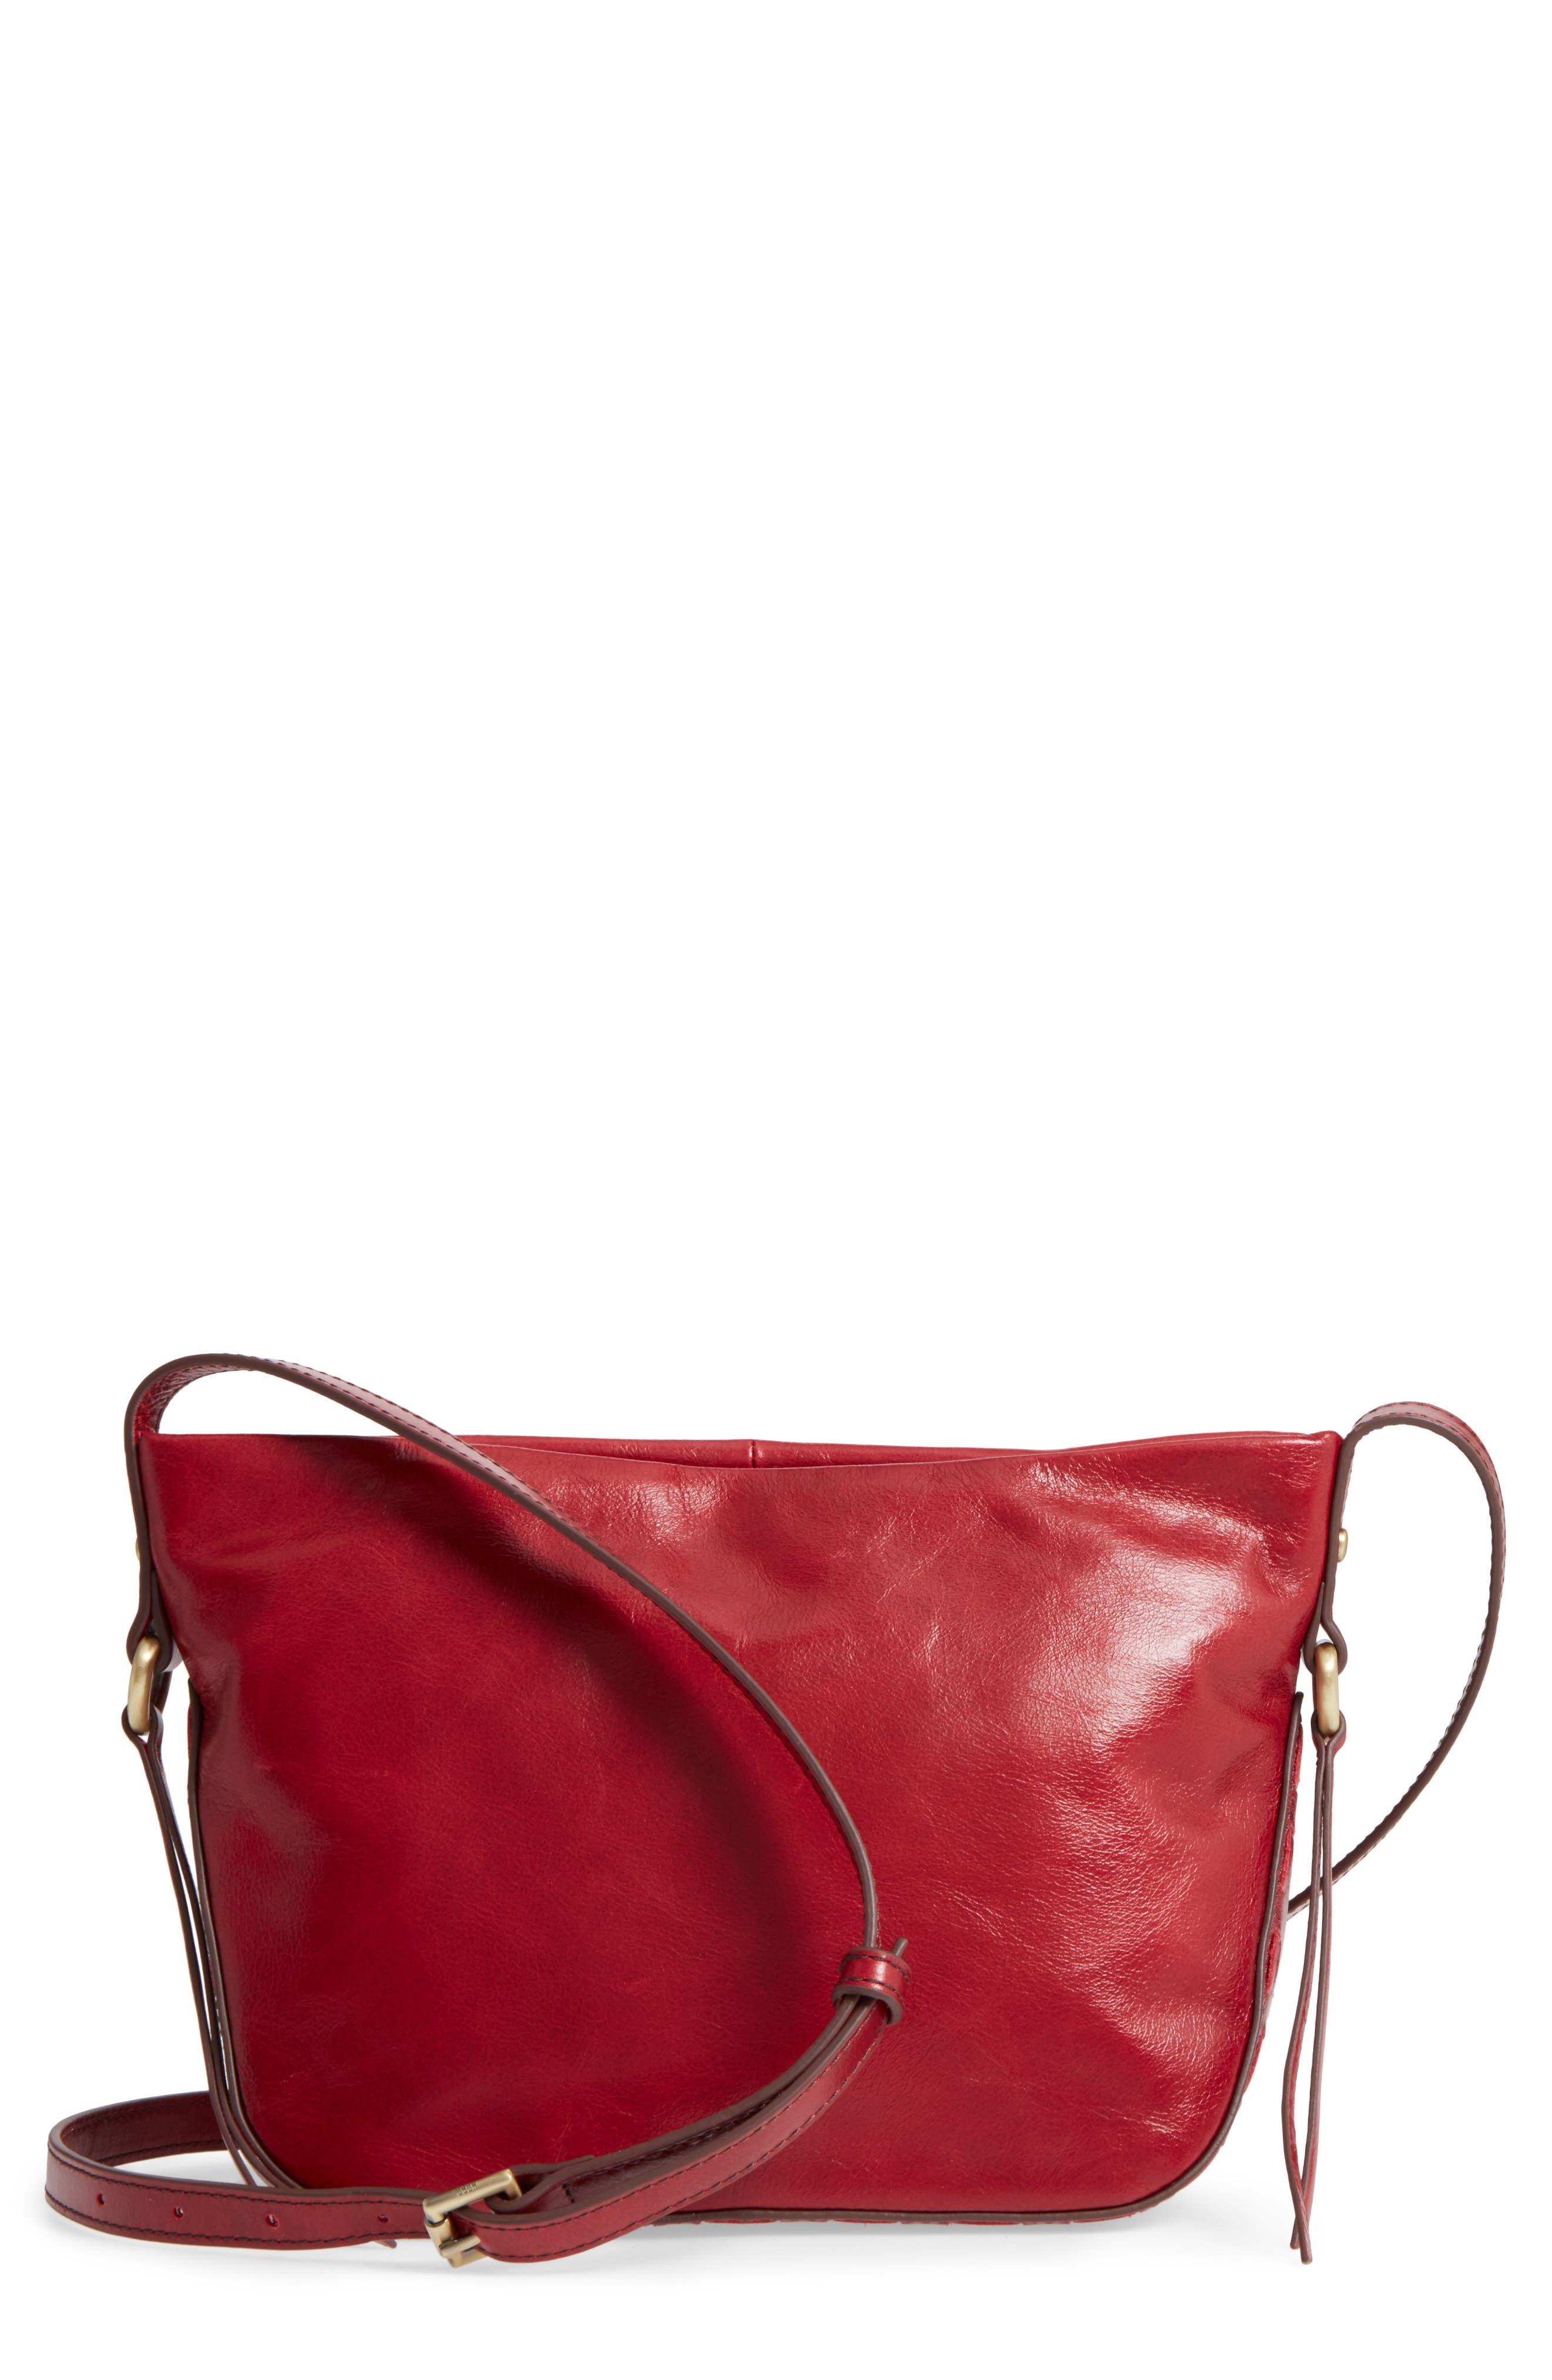 Muse Calfskin Leather Crossbody Bag,                         Main,                         color, Cardinal